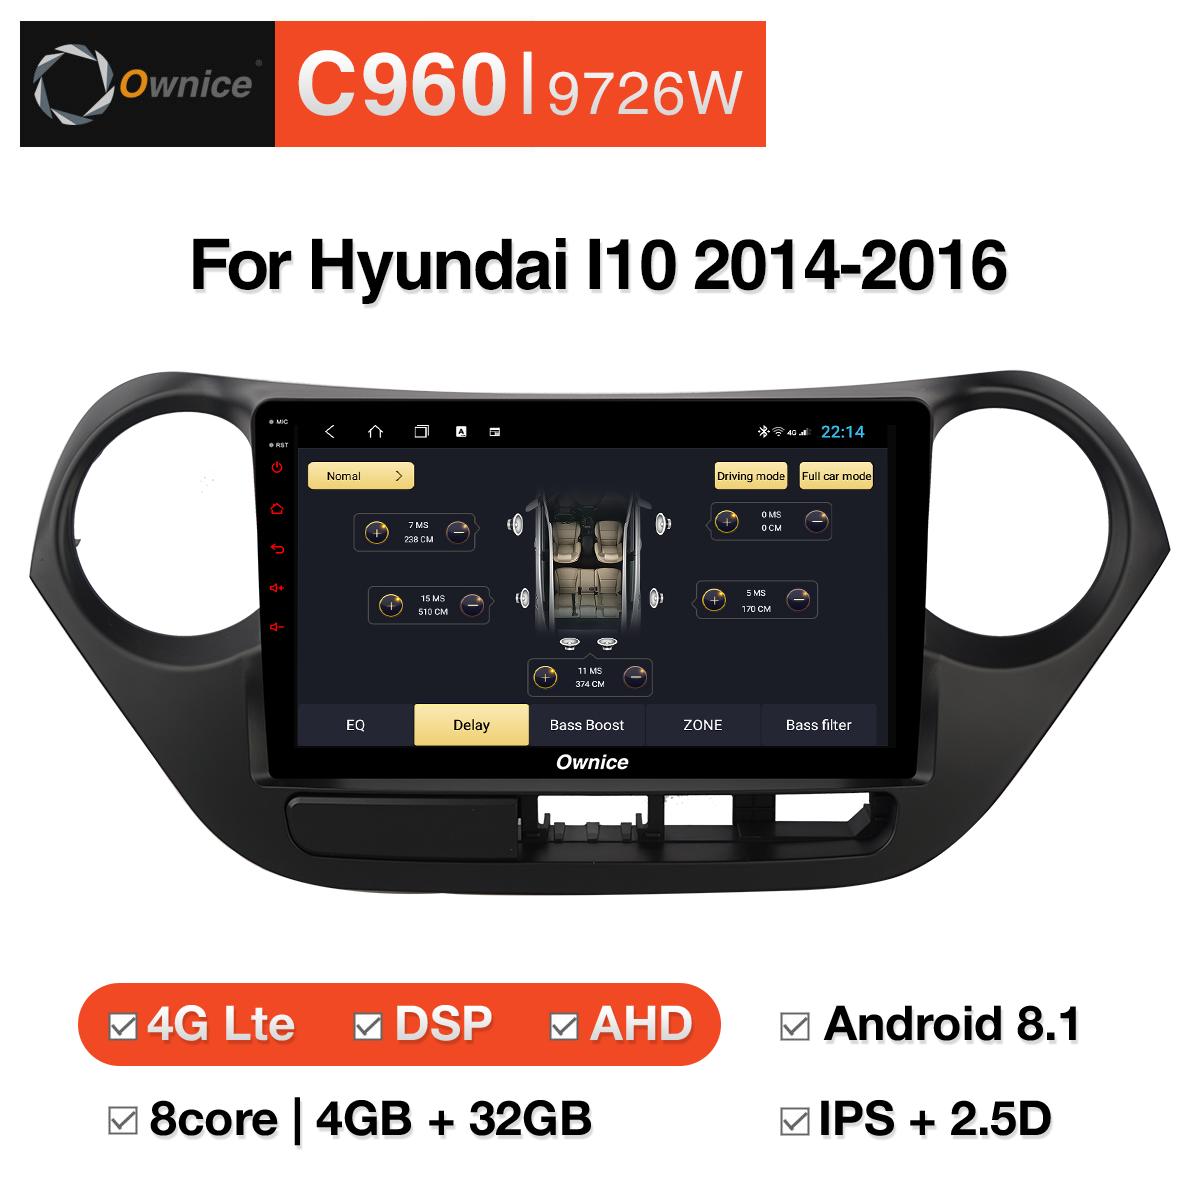 Đầu DVD android Ownice C960 cho xe ô tô Hyundai I10 2014-2016:: OL-9726W